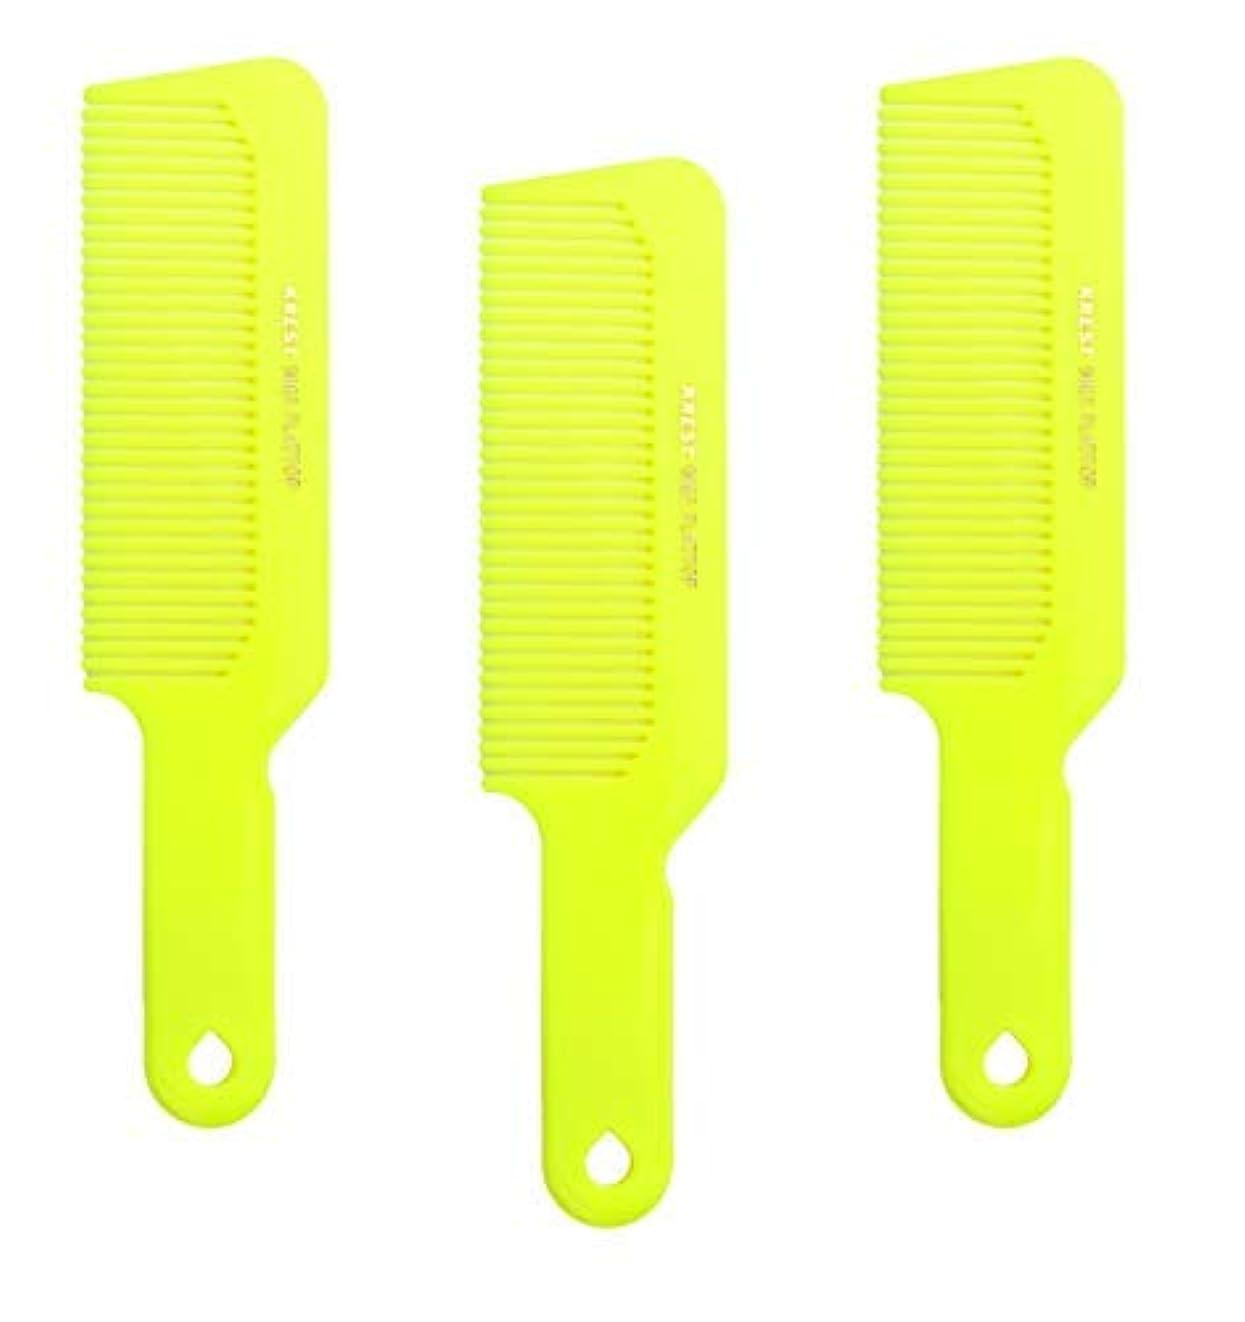 有益暗殺するフォークHair Comb 8-3/4 Flattop Hair Cutting Comb. Barbers Hairdresser Comb. Model 9001. 3 Combs (Neon Yellow) [並行輸入品]